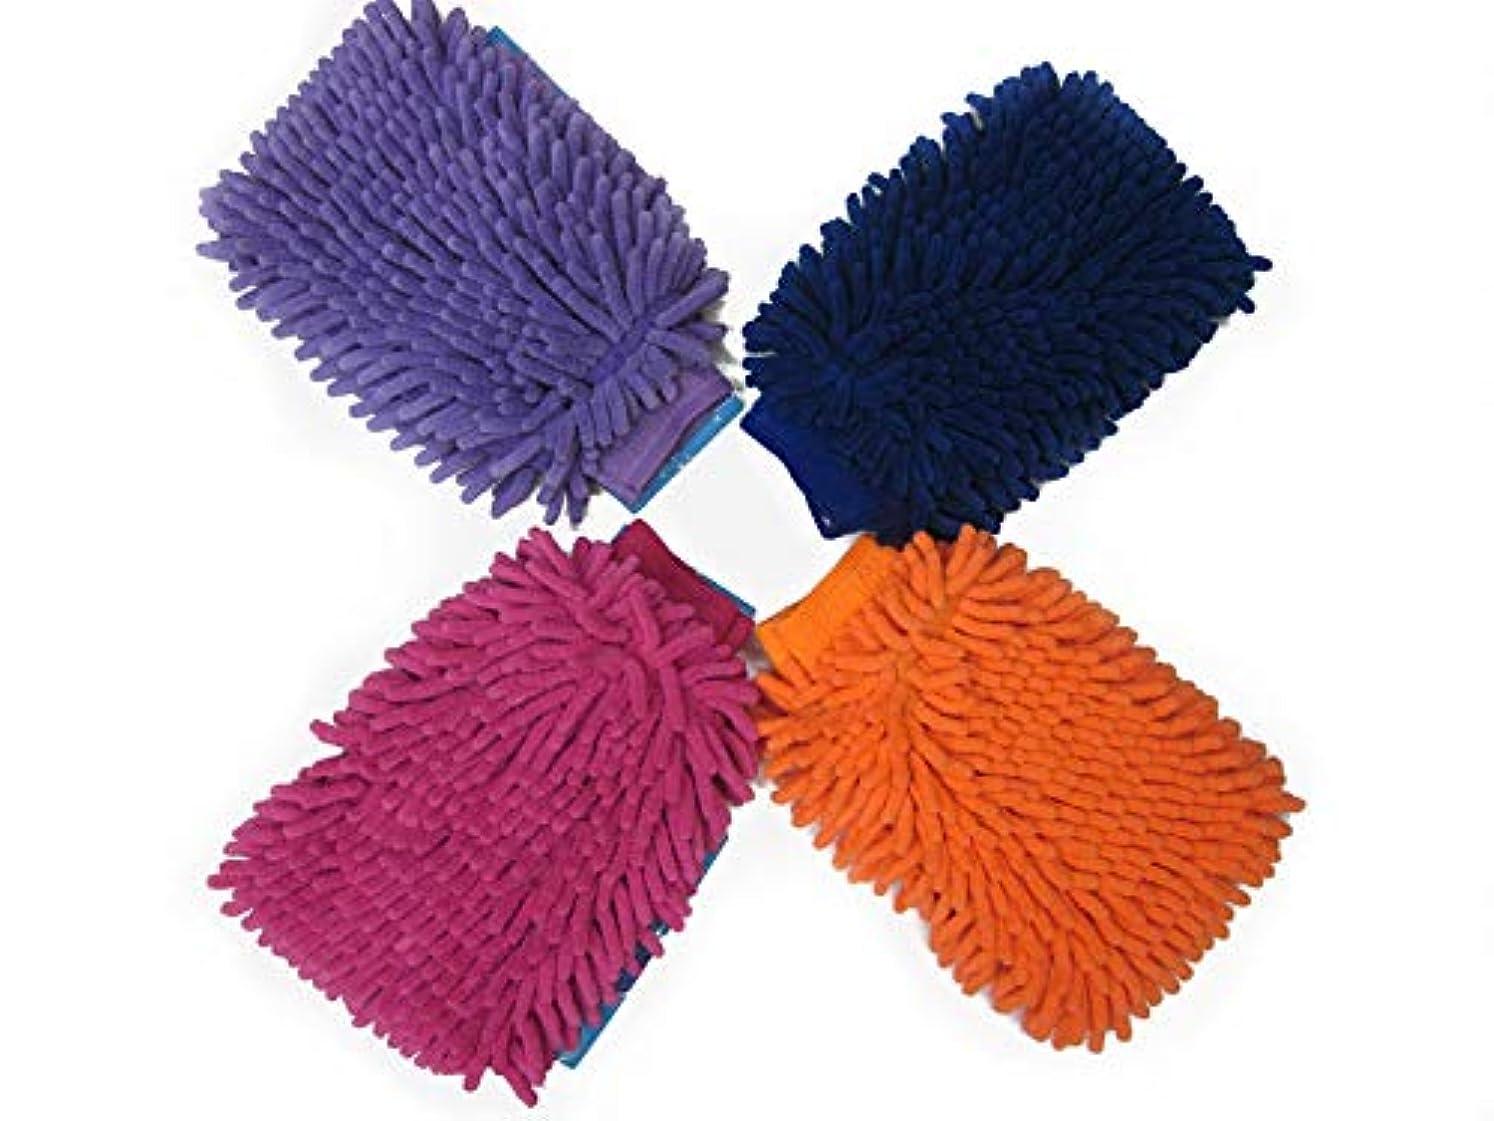 激怒関与する事実上BTXXYJP 車の窓掃除道具ホームクリーニングクリーニング手袋極細繊維シェニールマイクロファイバーカーウォッシュグローブ、10ペア (Color : Blue)